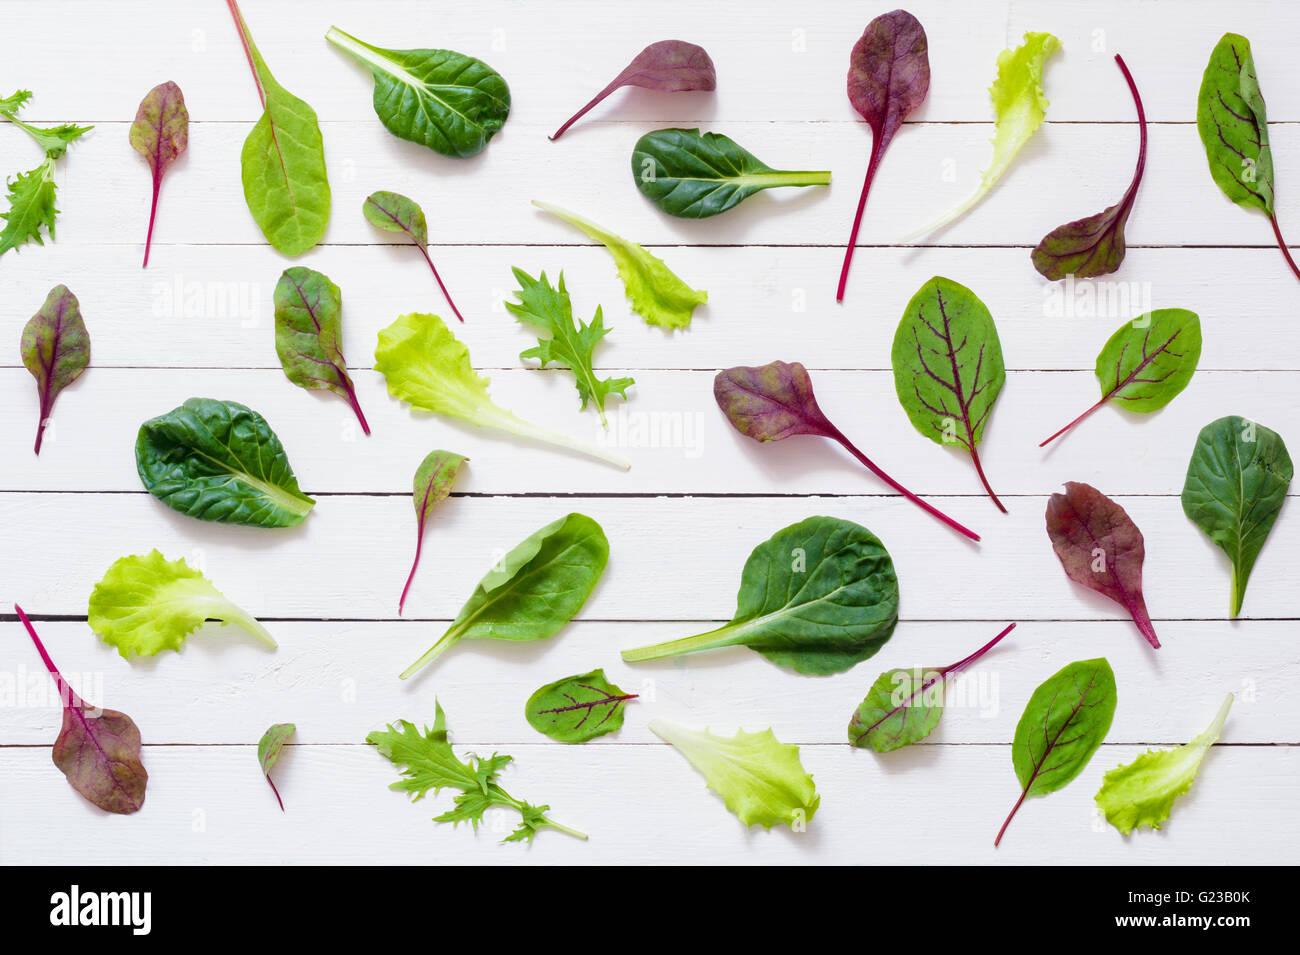 Dessin de diverses feuilles de salade sur le fond en bois blanc / Télévision jeter salade verte feuilles Photo Stock